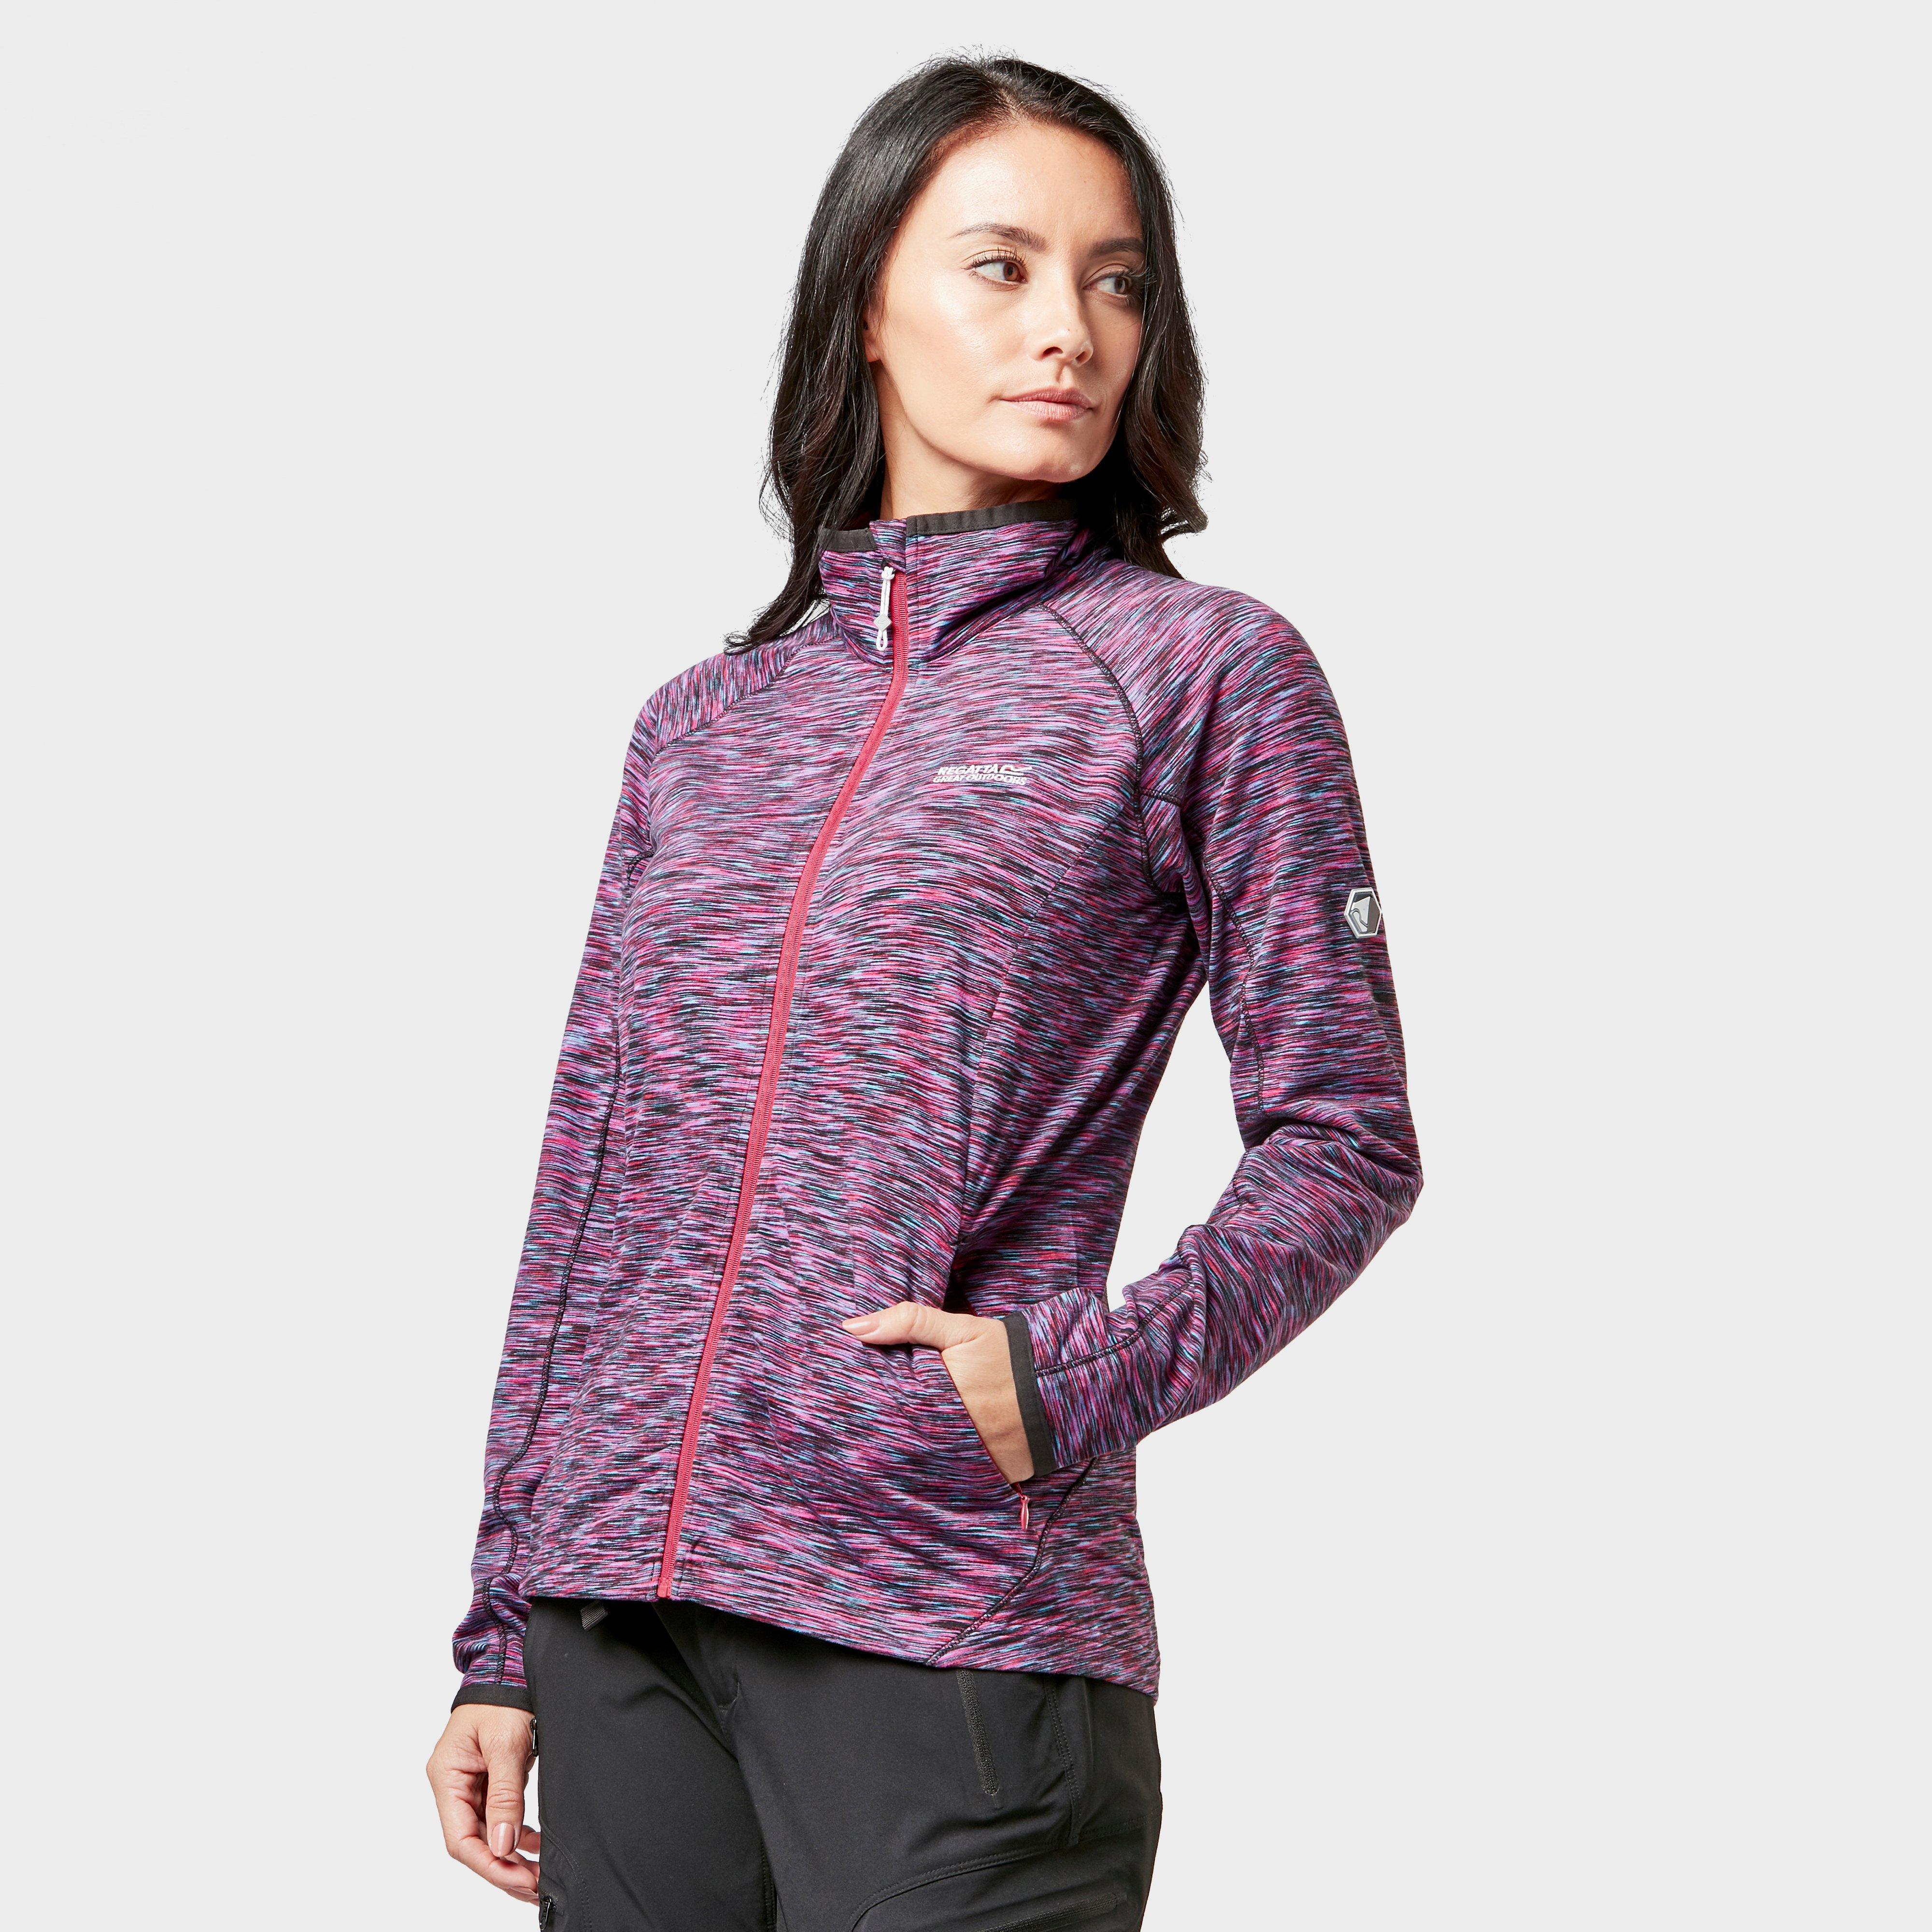 Regatta Regatta Womens Harty Full-Zip Fleece - Purple, Purple